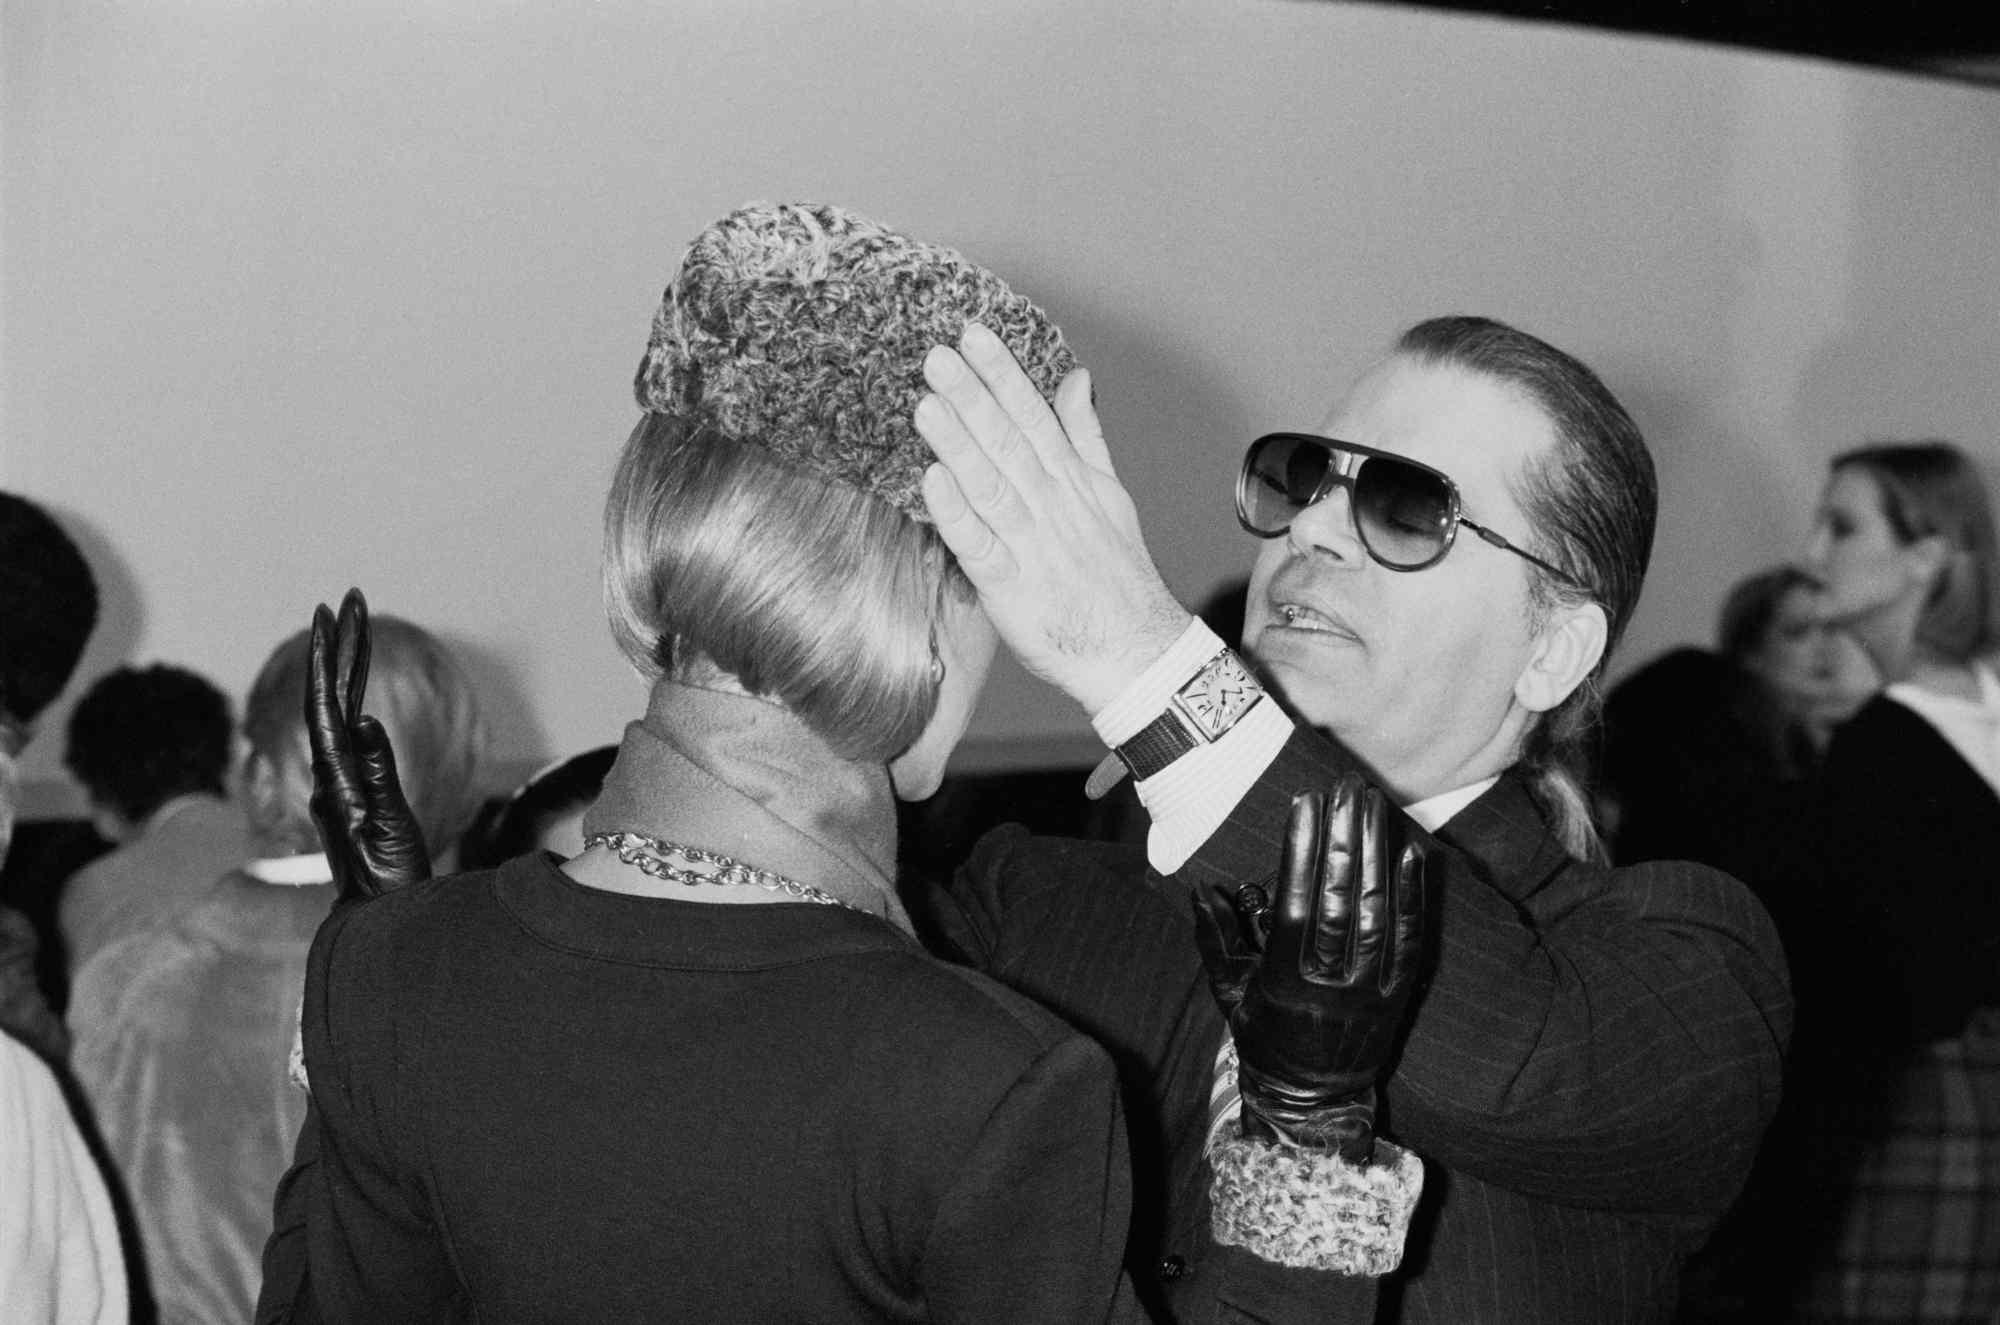 Карл бекстейдж на първата си колекция прет-а-порте за Шанел, 27-ми март 1984 г.